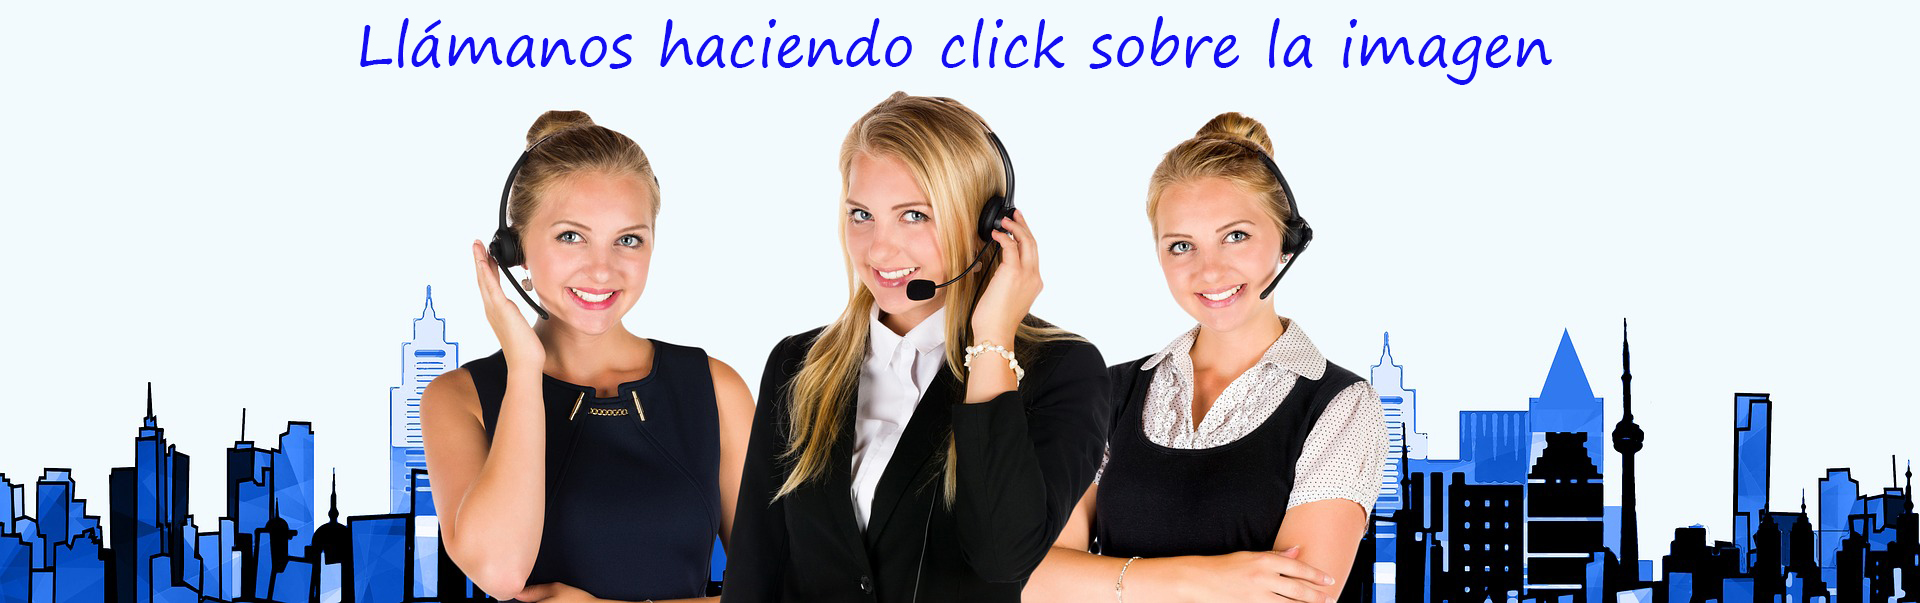 Global Brands Nicaragua - Llámanos